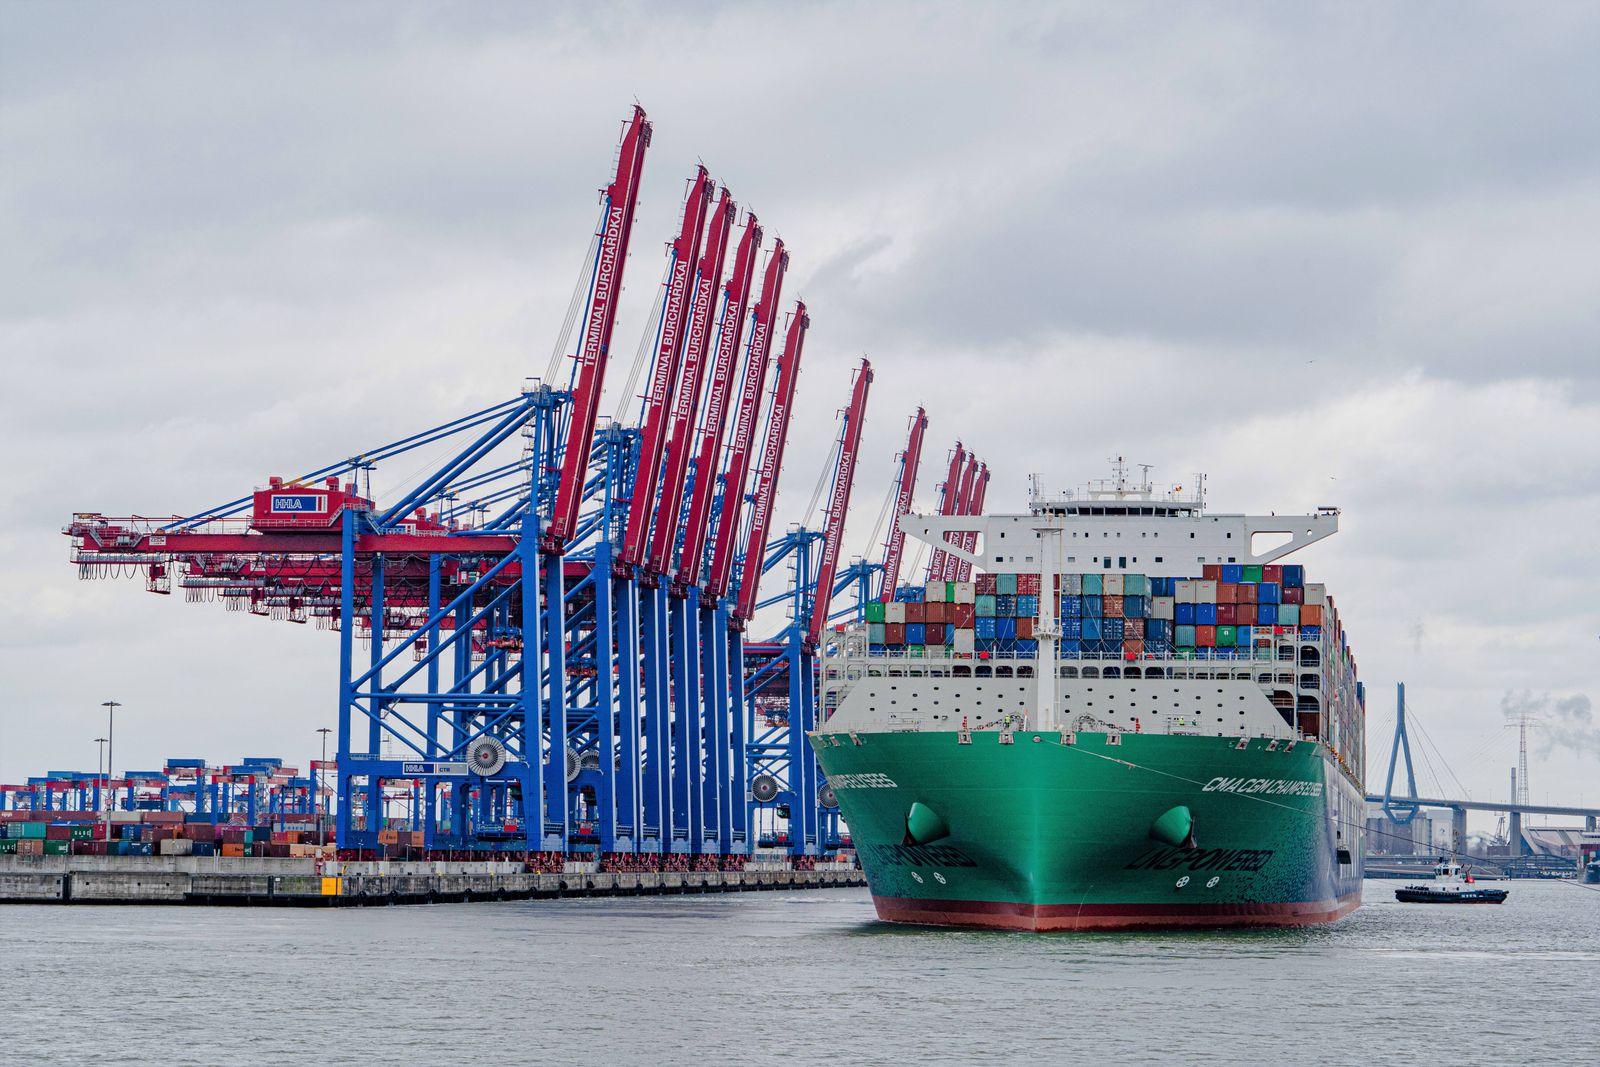 LNG-Flüssiggas-Schiff in Hamburg eingetroffen - Die mit 399 Metern Länge zu den größten Containerschiffen der Welt gehö